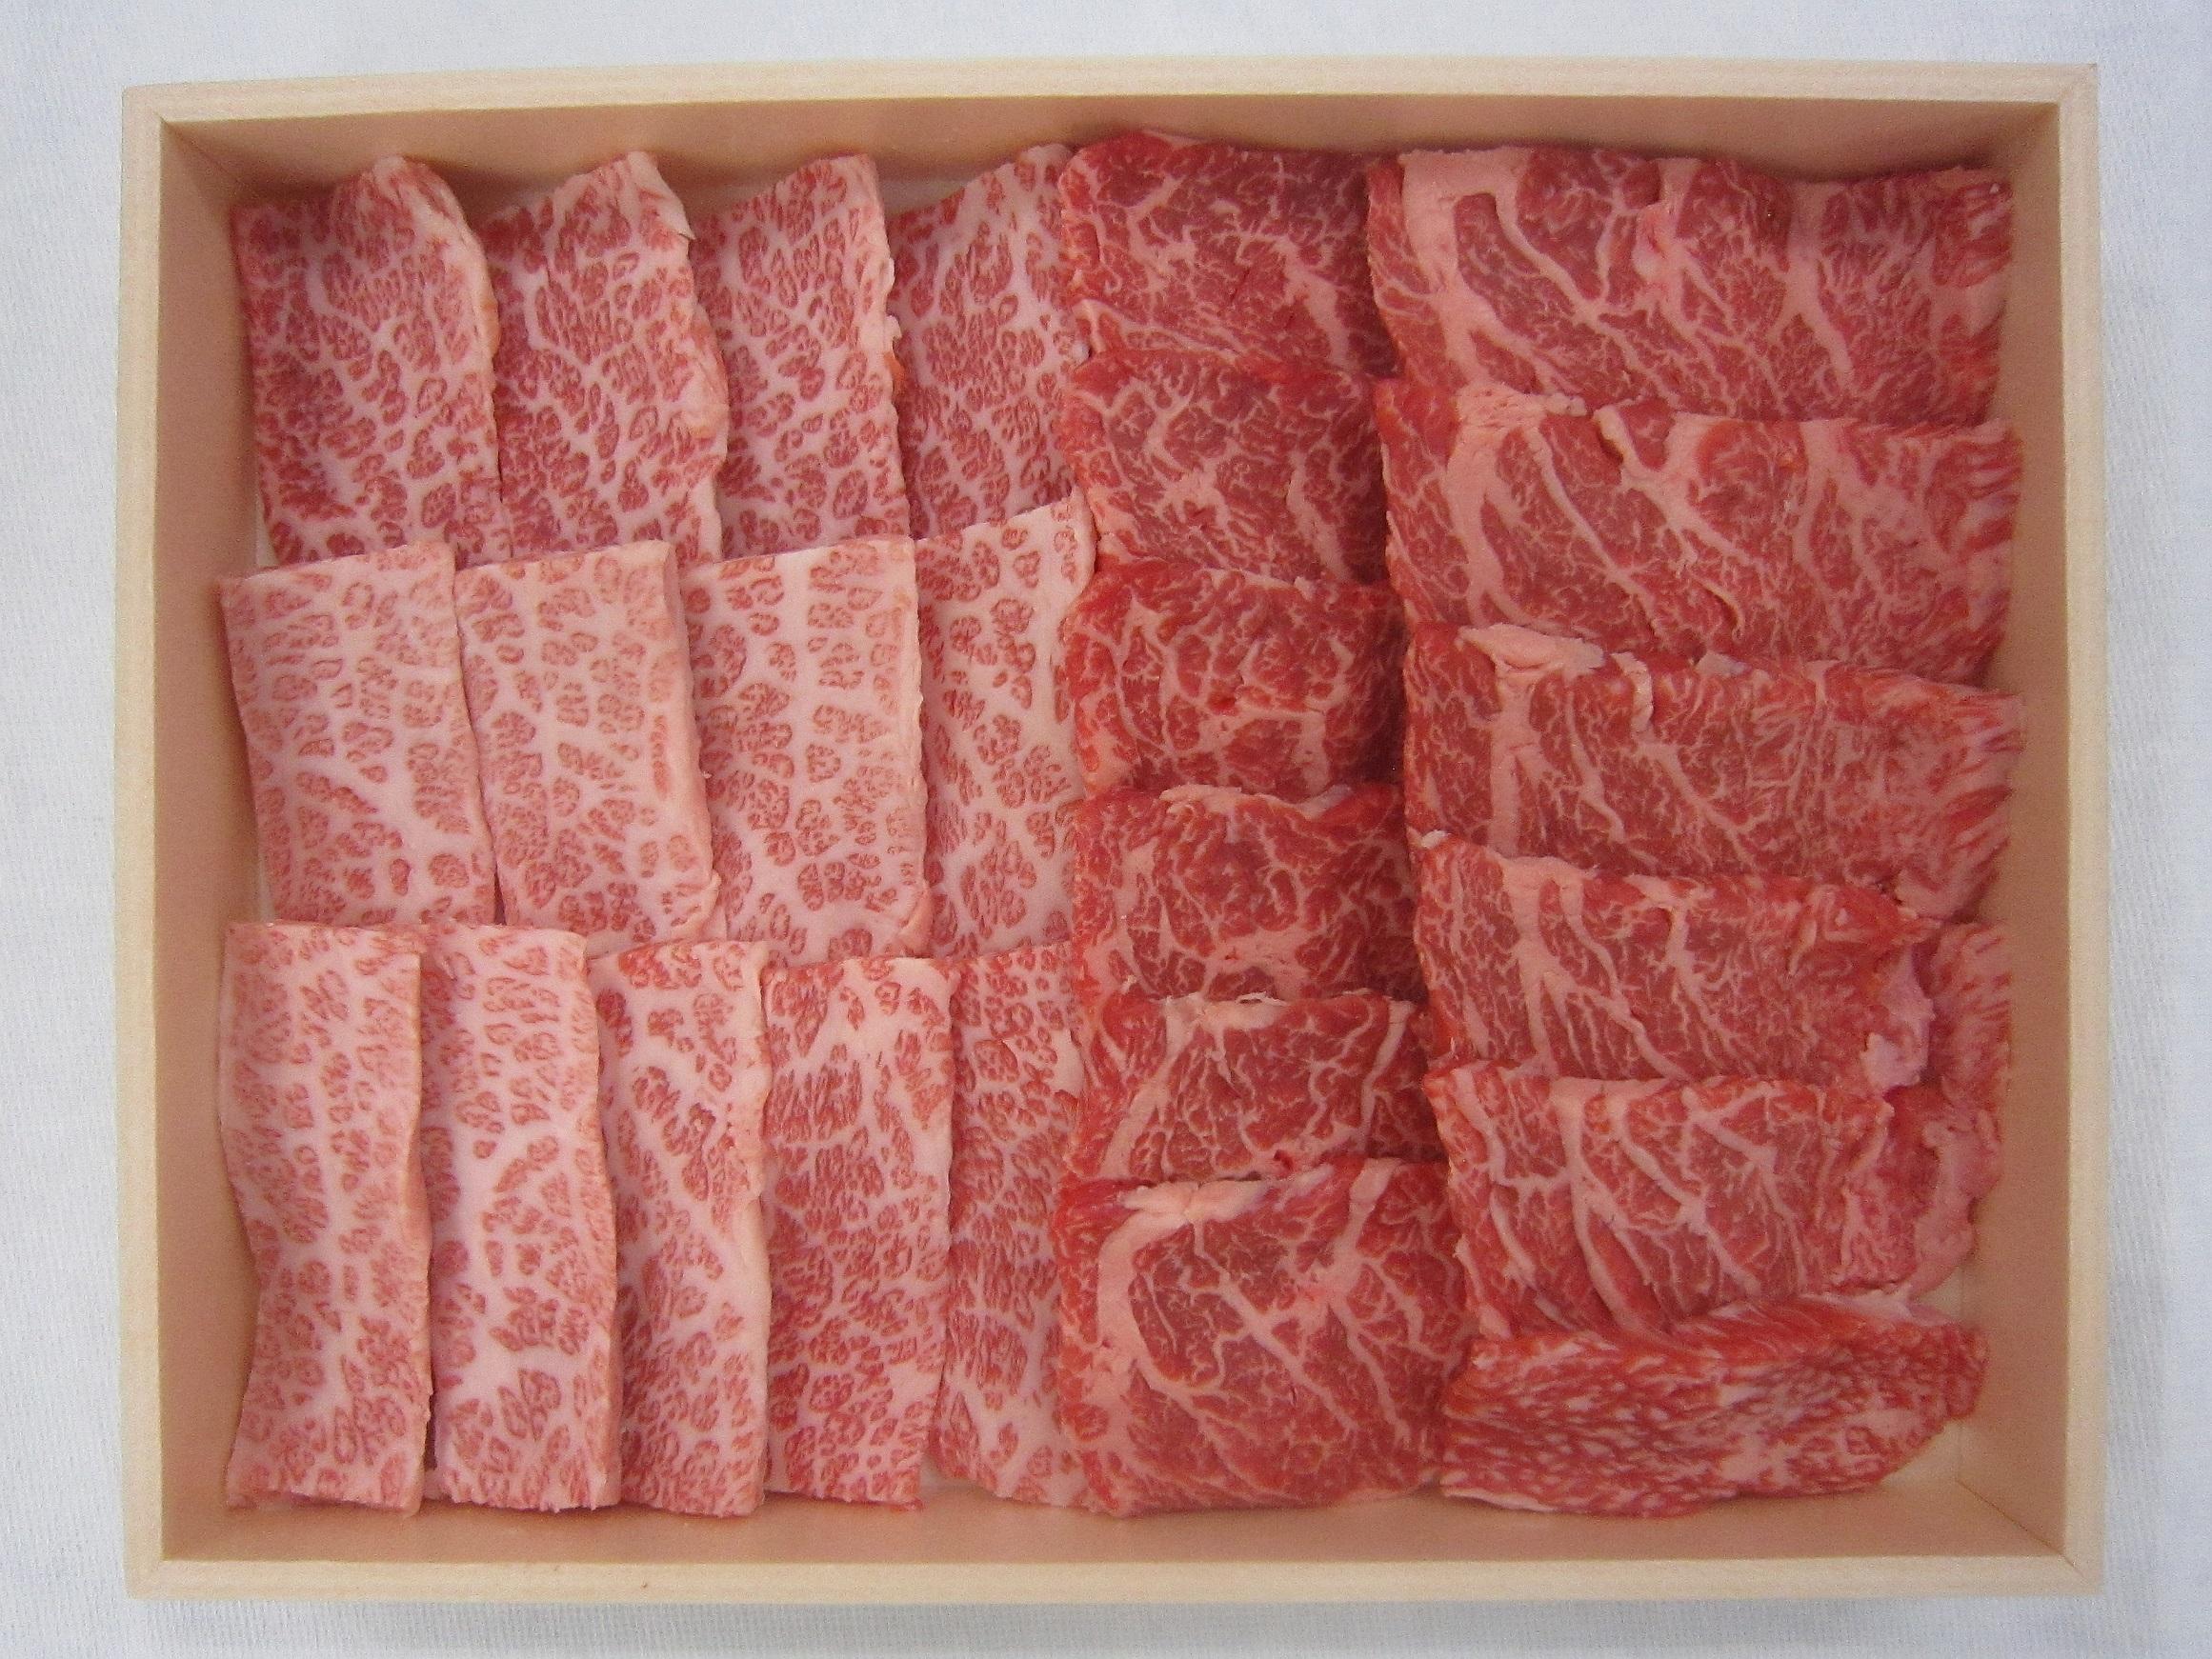 鹿児島黒牛焼肉ペアギフト(カルビ&赤身)